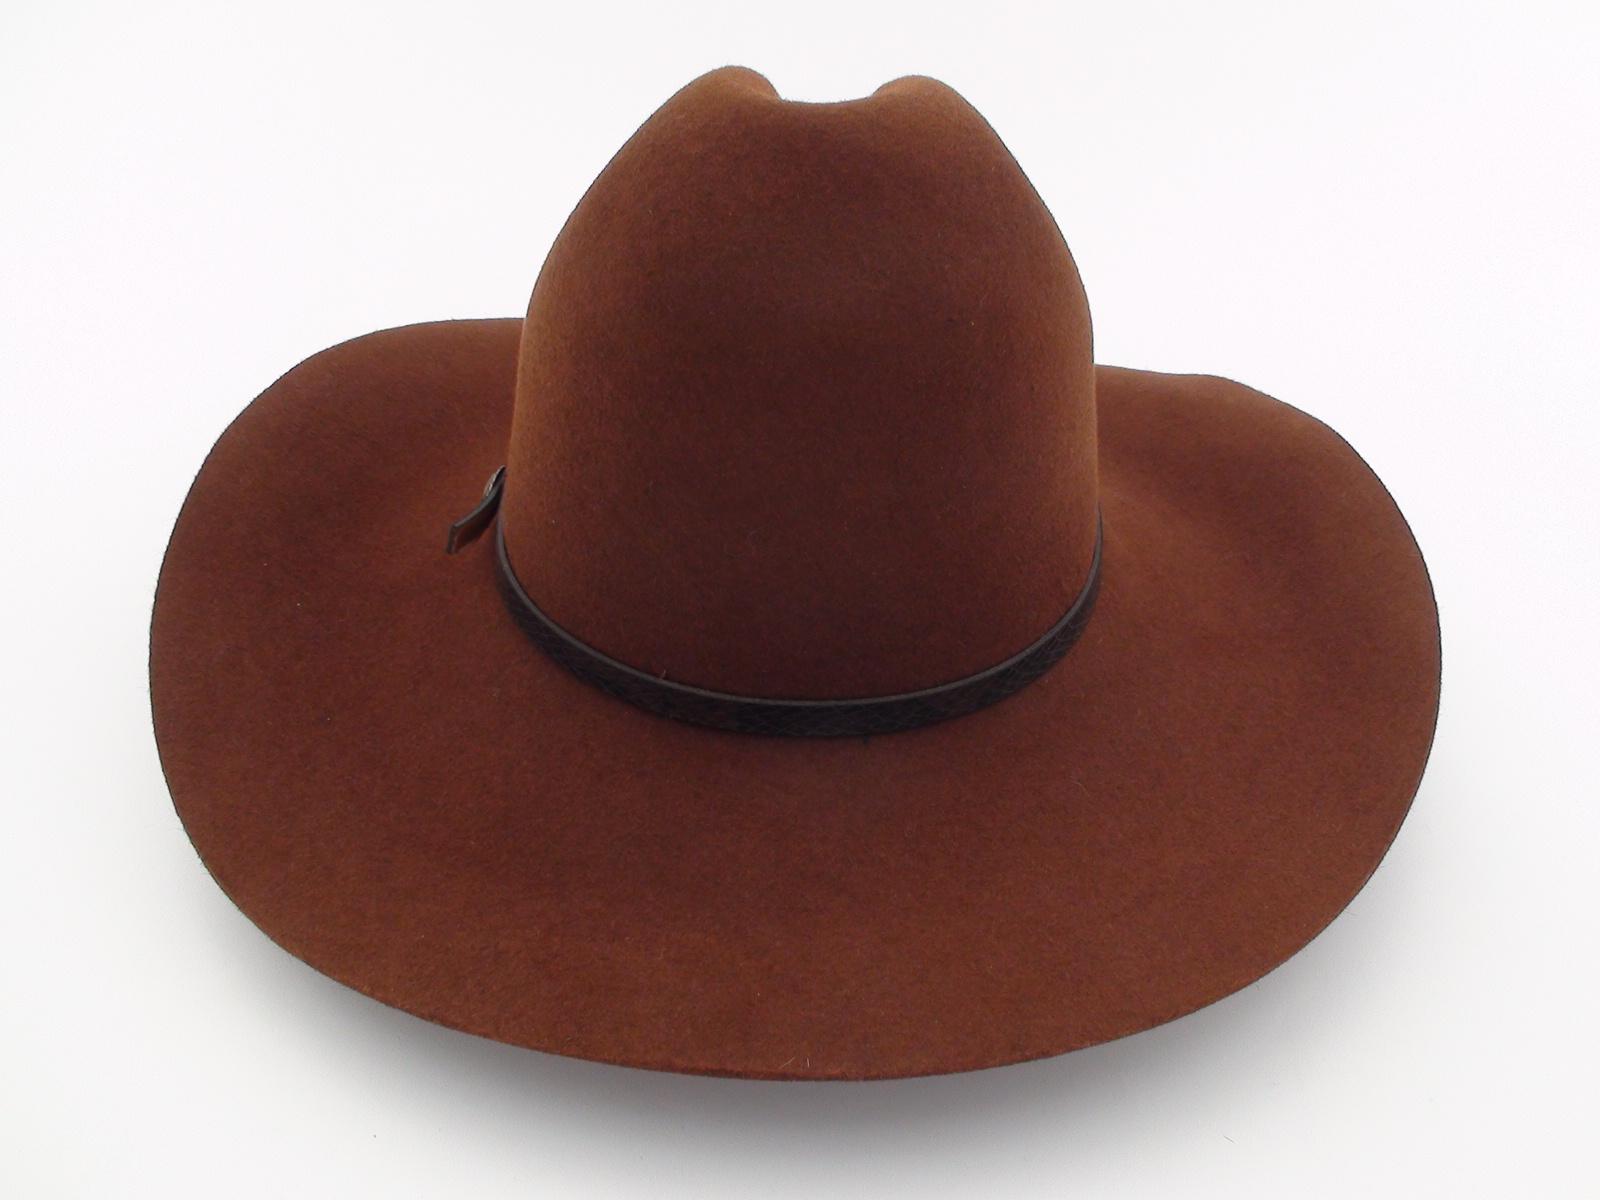 272498d5d78 Smithbilt Hats Brown Fur Felt Western Cowboy Hat - Bernard Hats